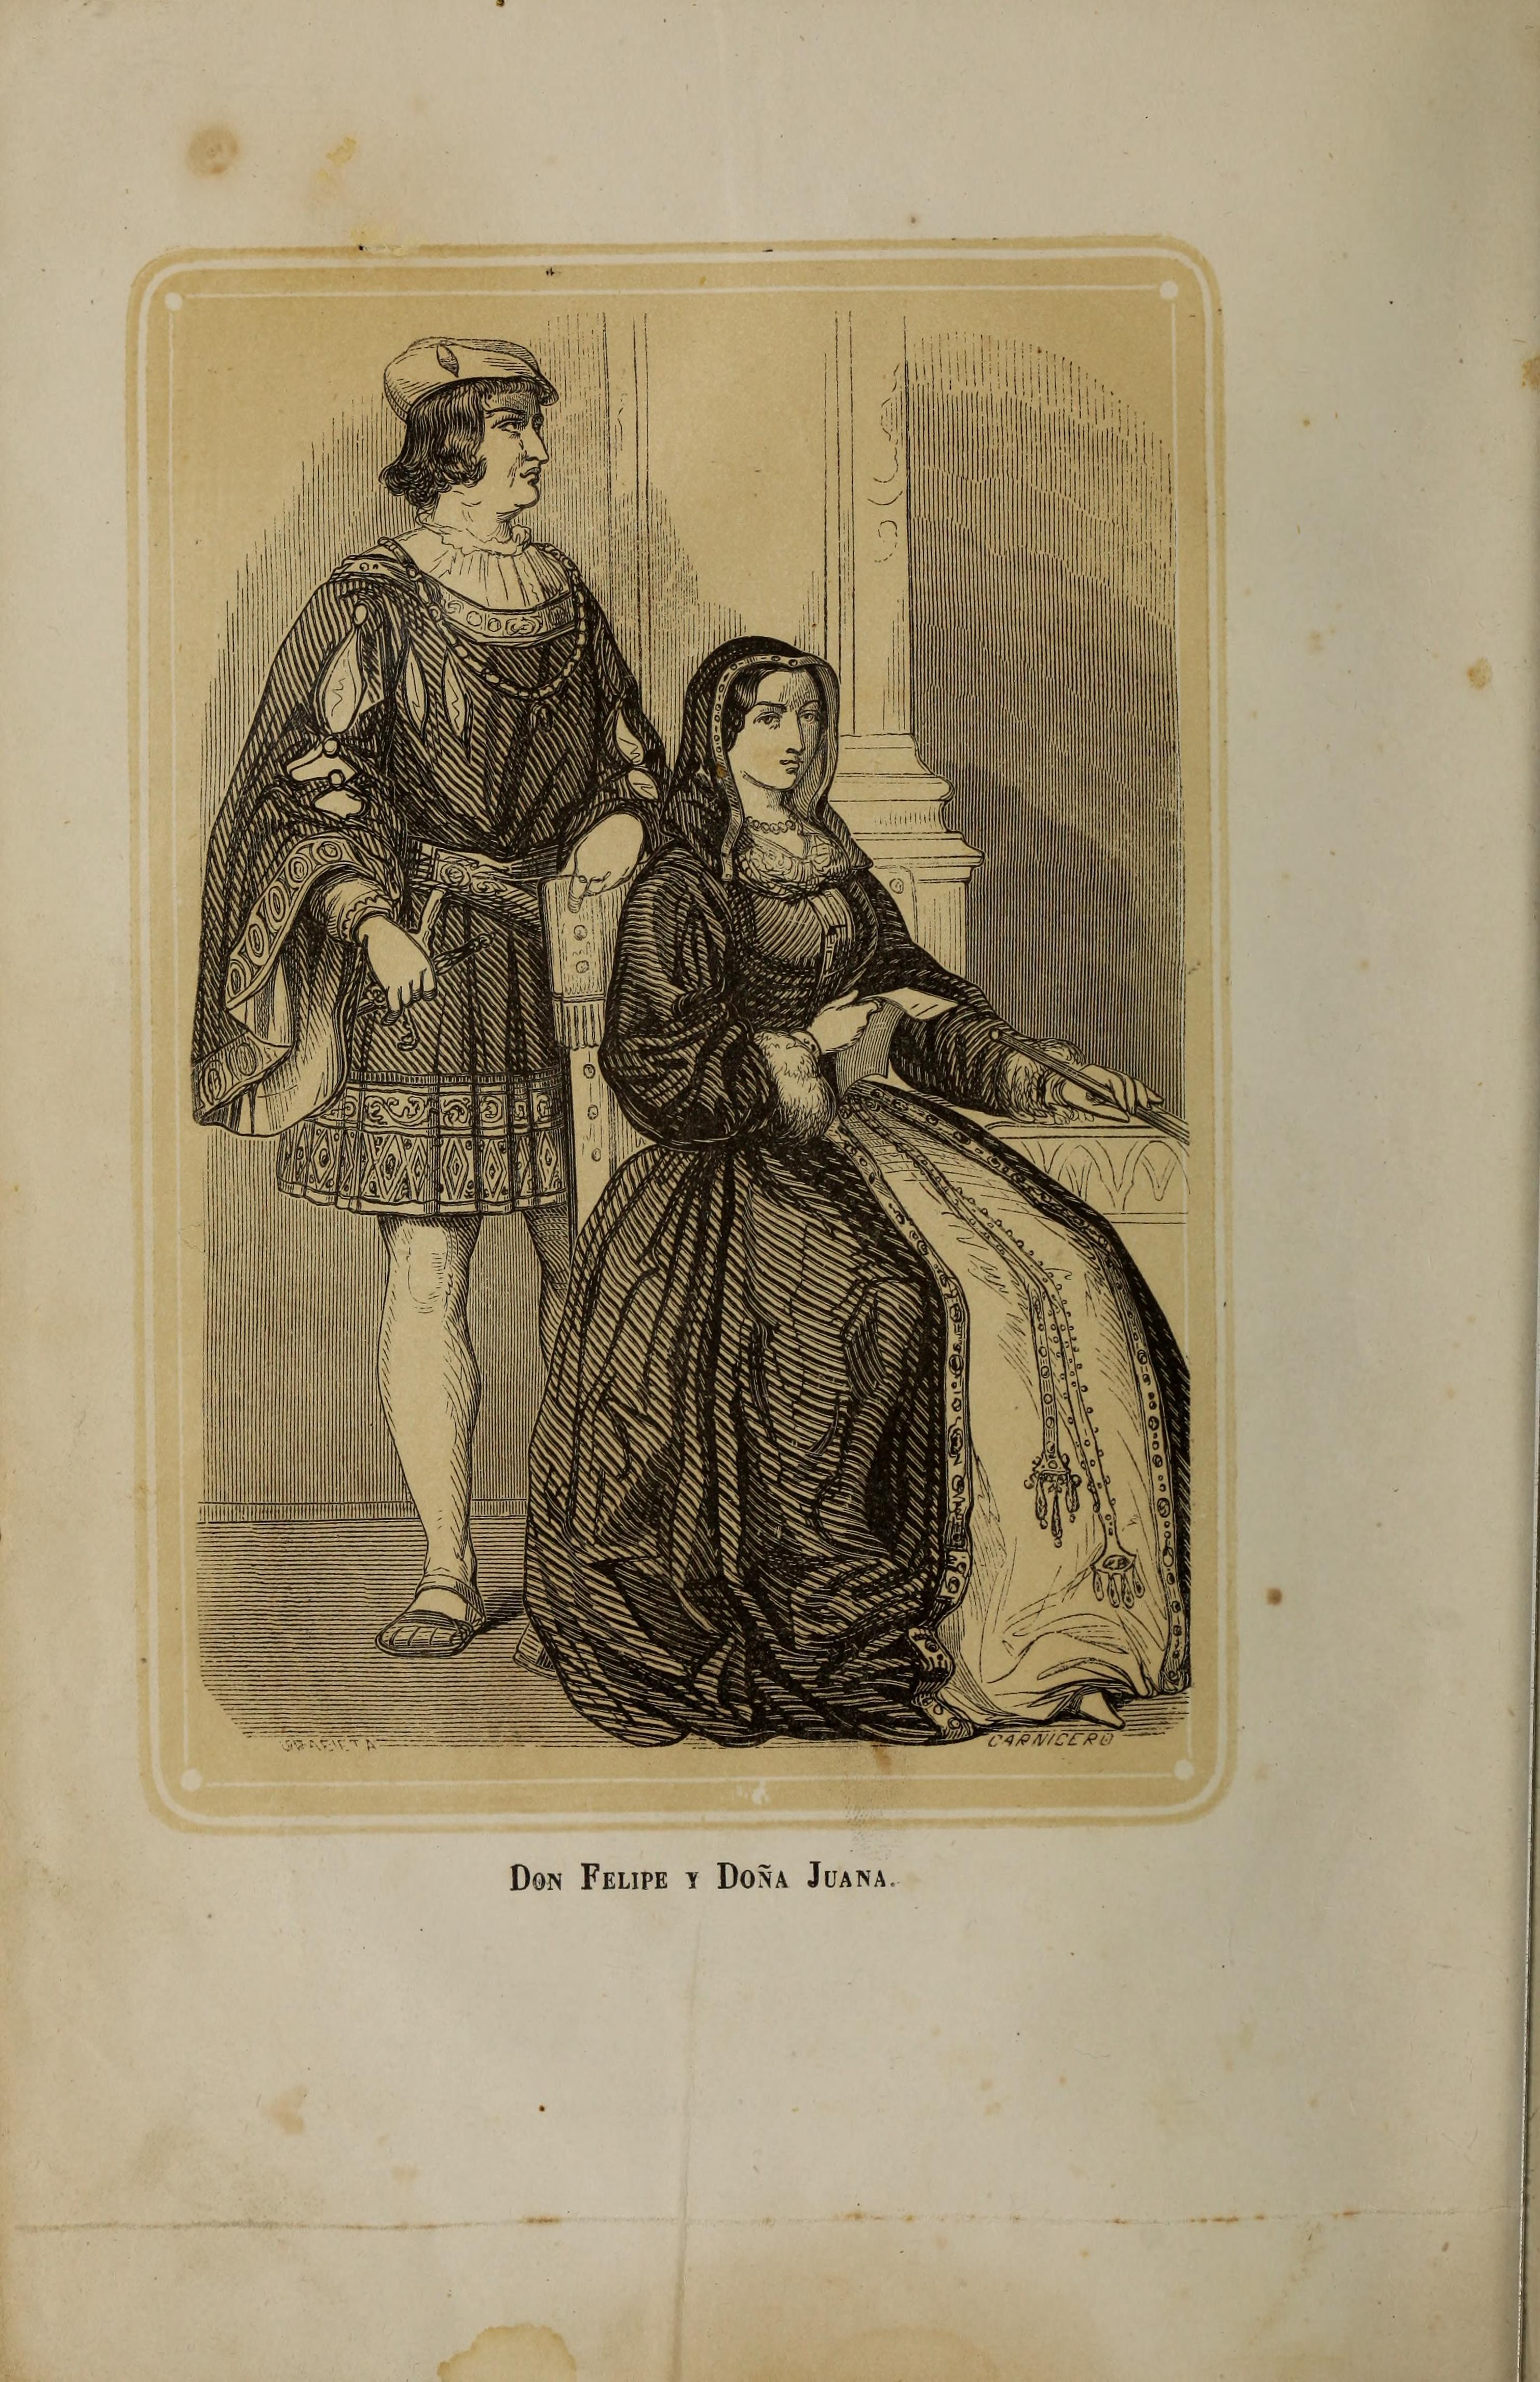 File:1862, La reina loca de amor, Don Felipe y Doña Juana.